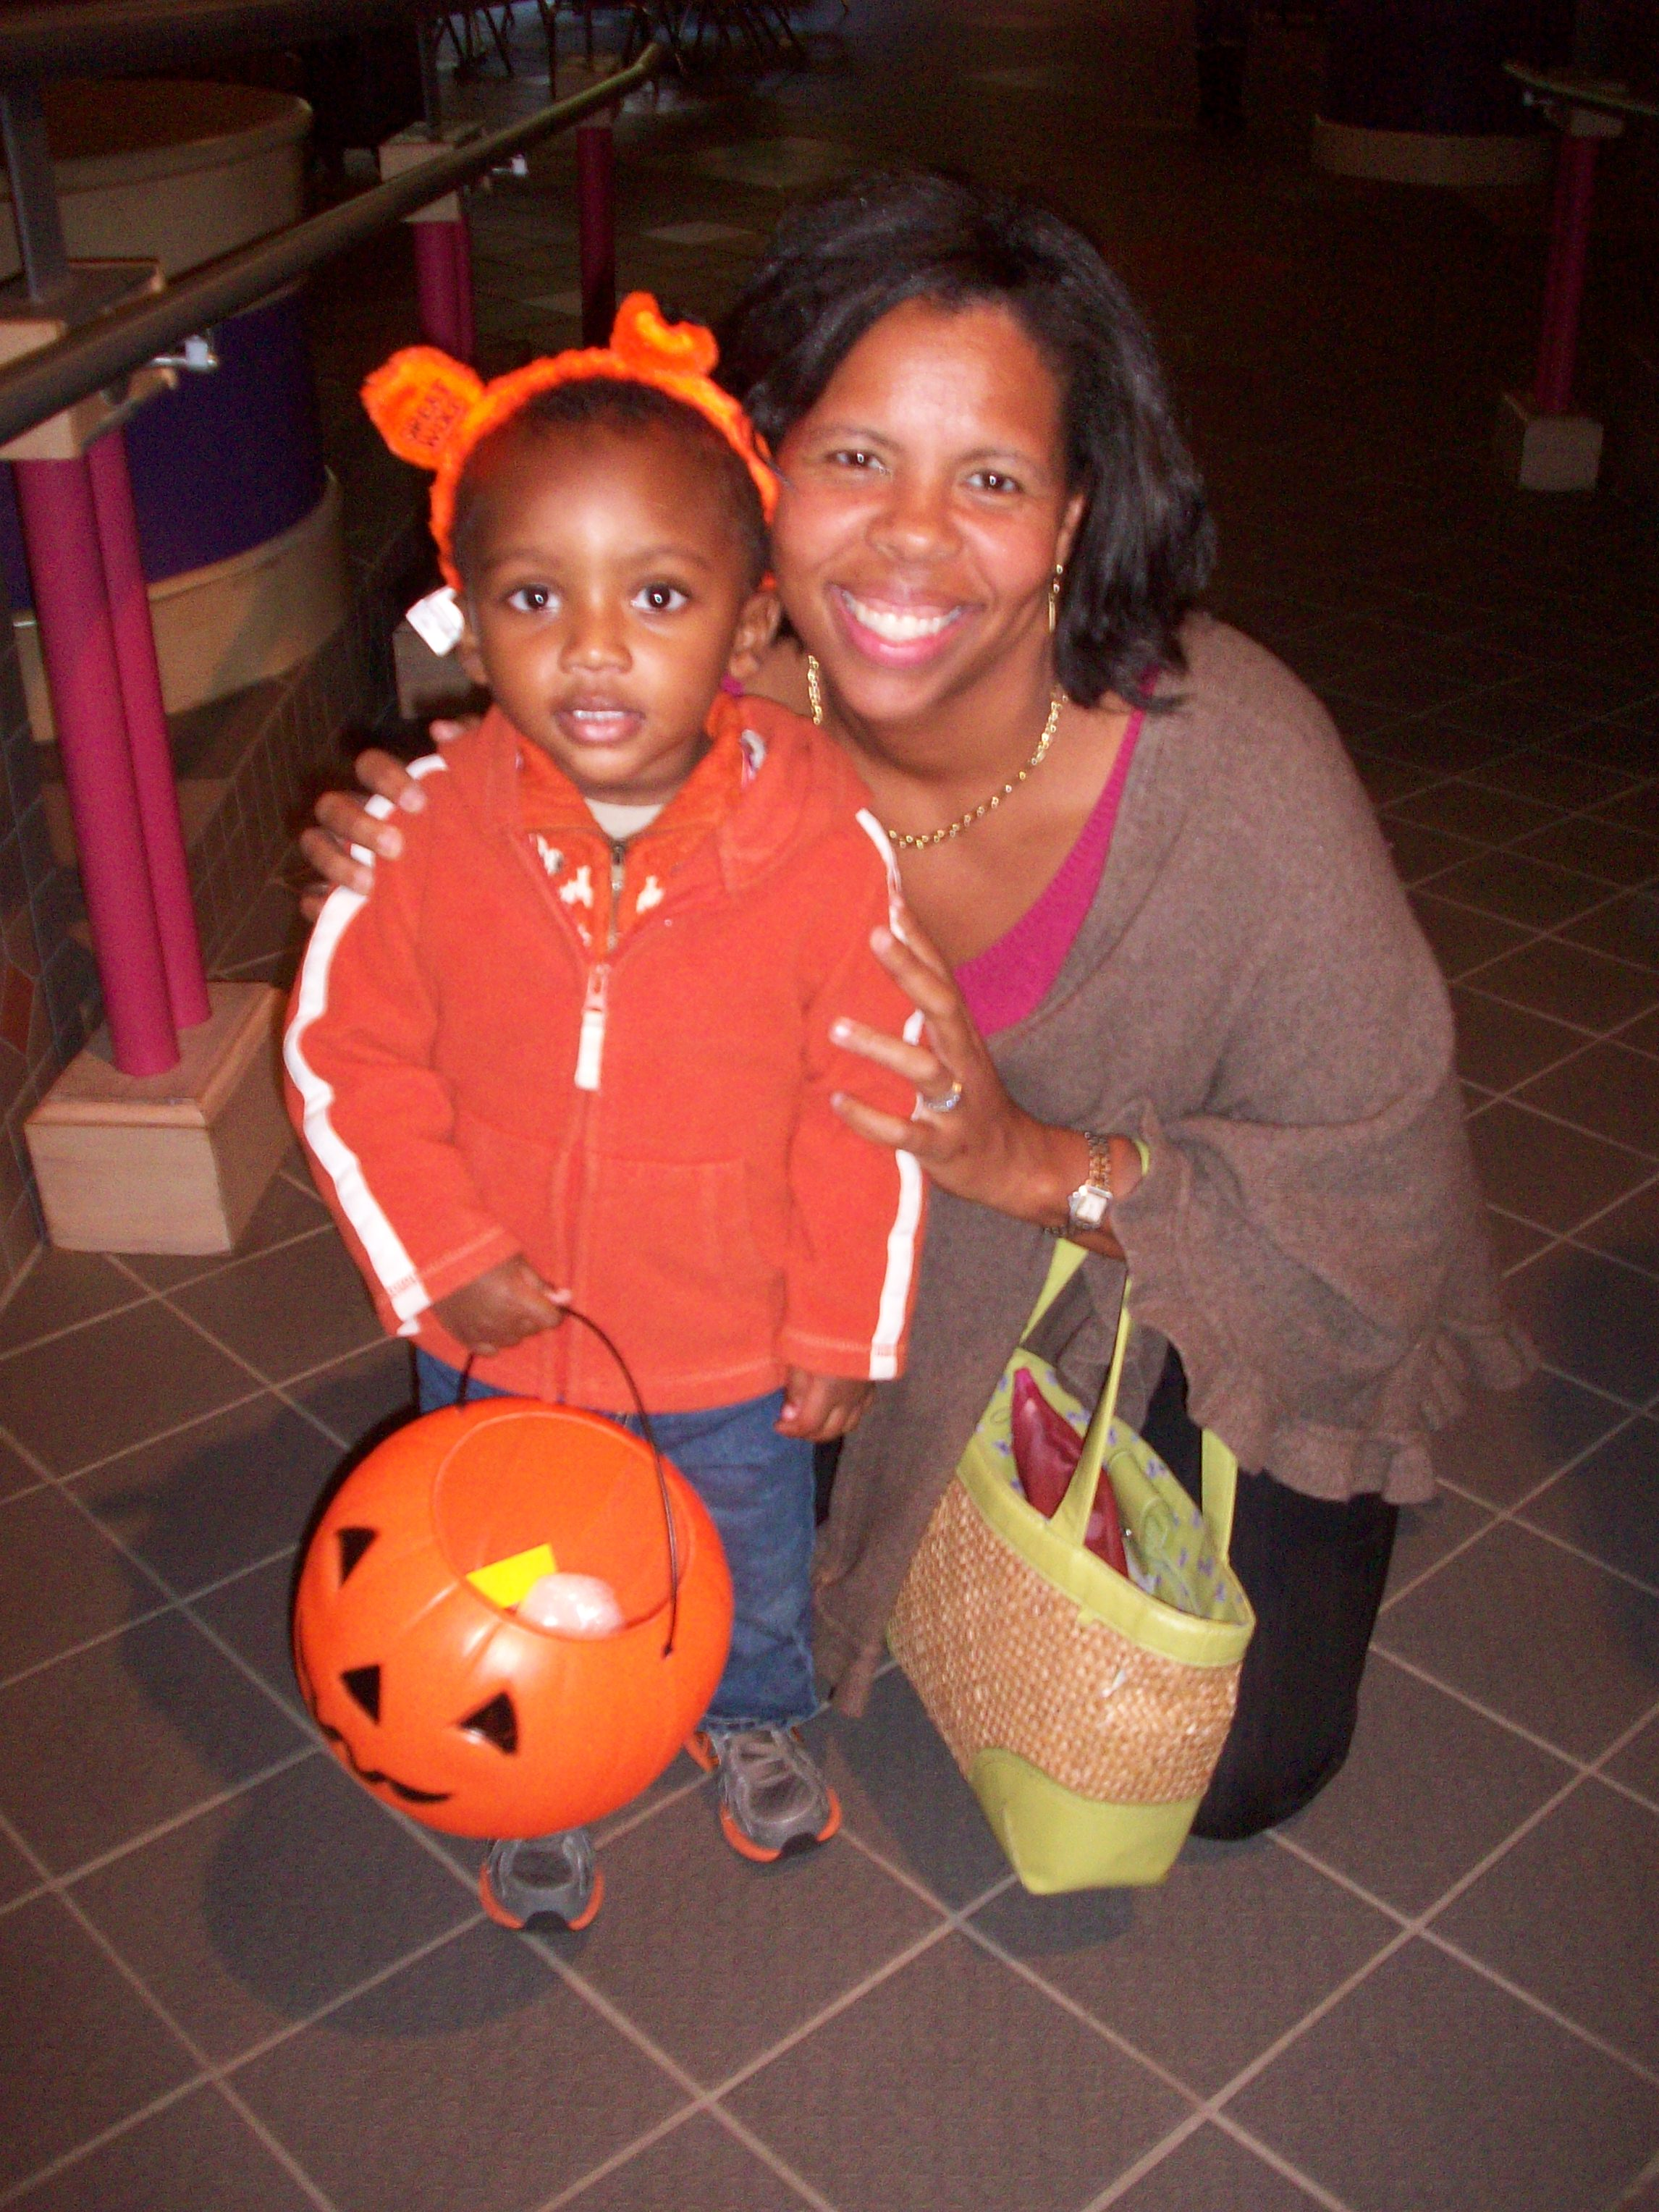 Halloween at Sciworks